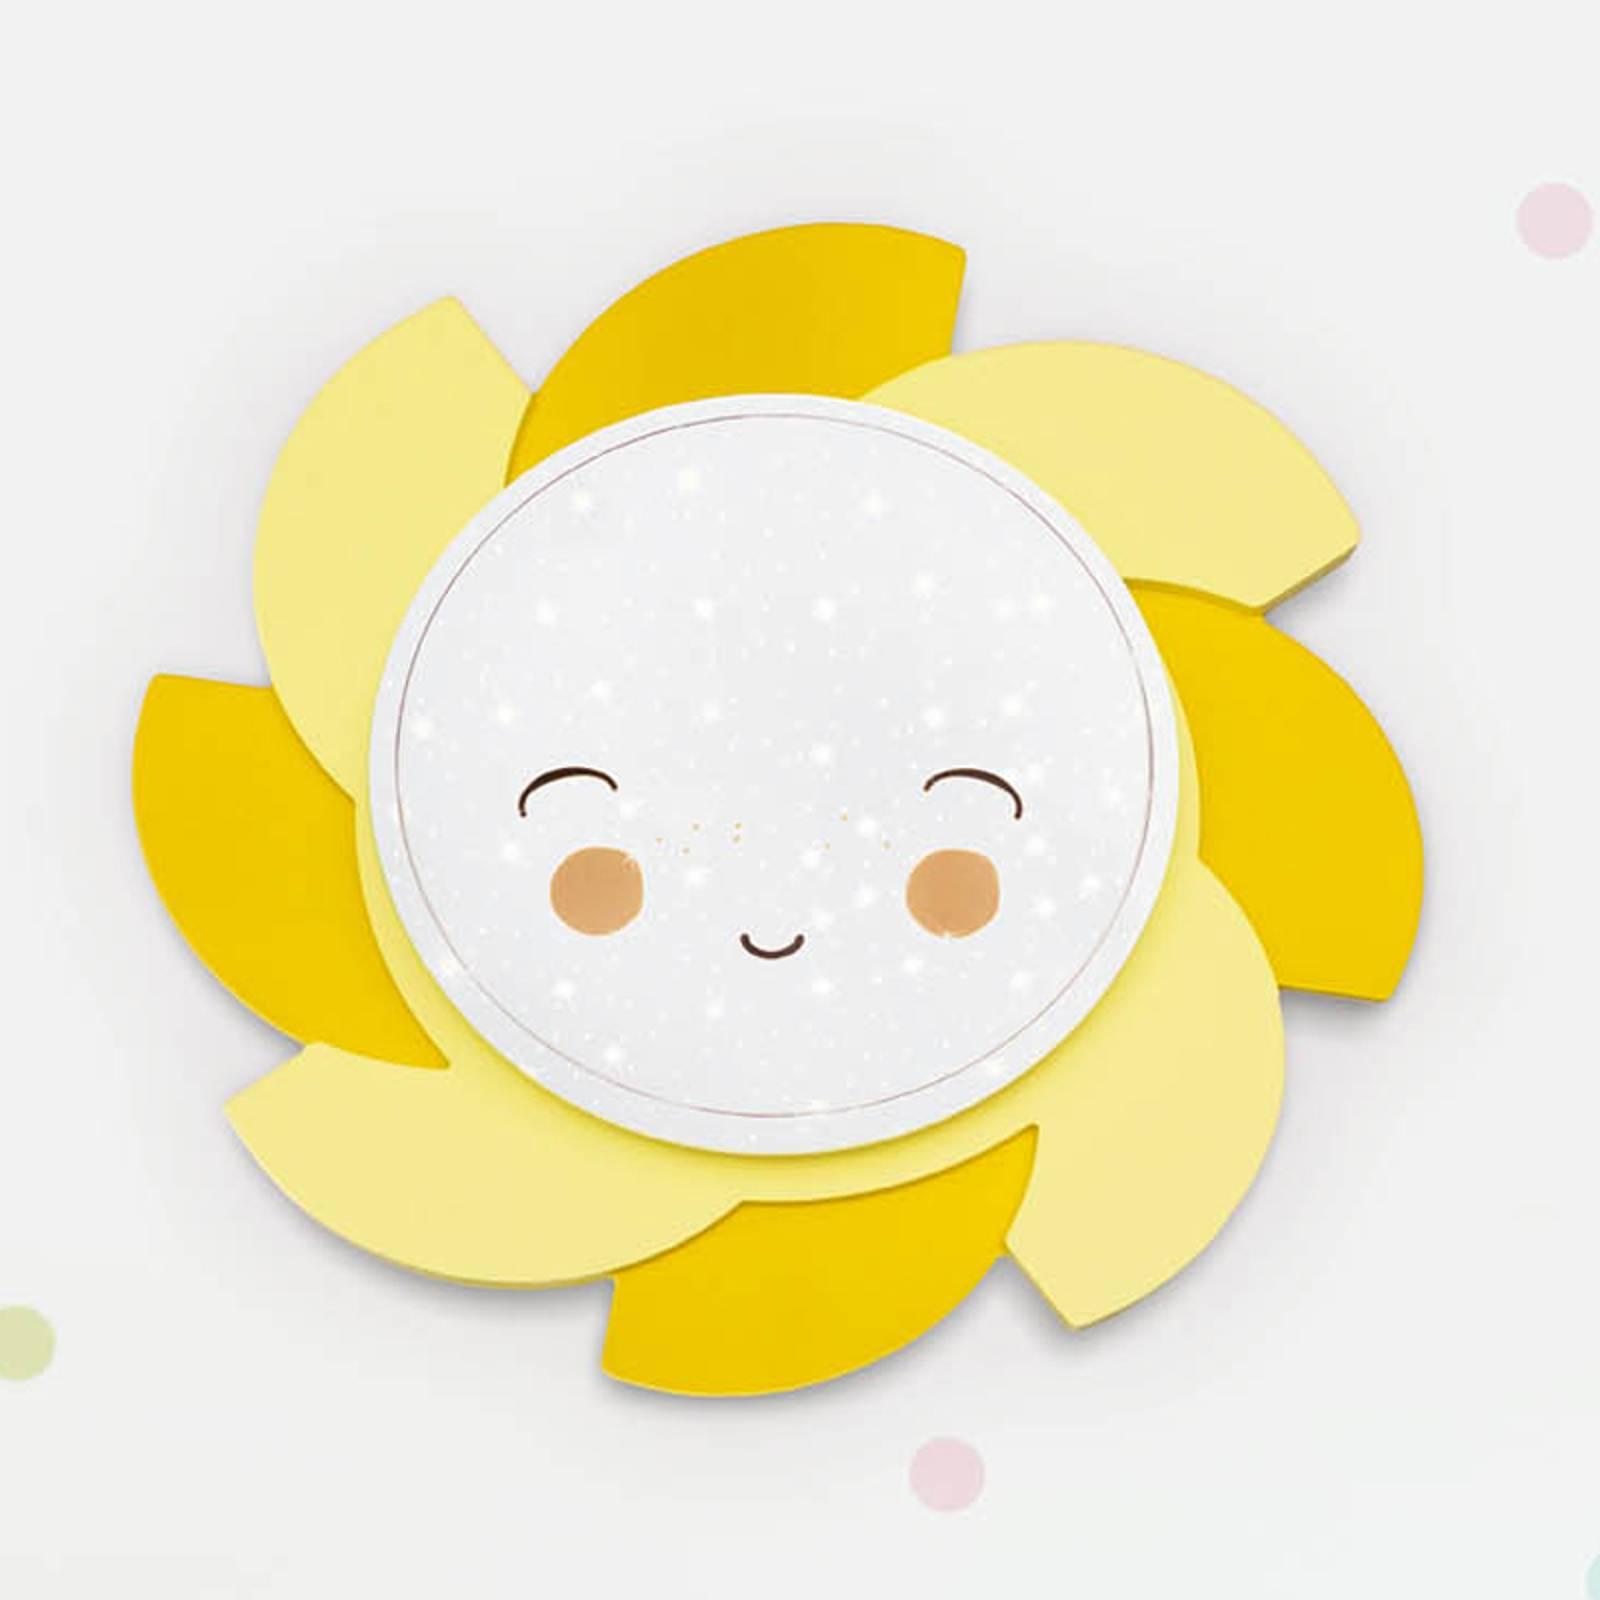 LED-Wandleuchte Sonne Starlight Smile, gelb